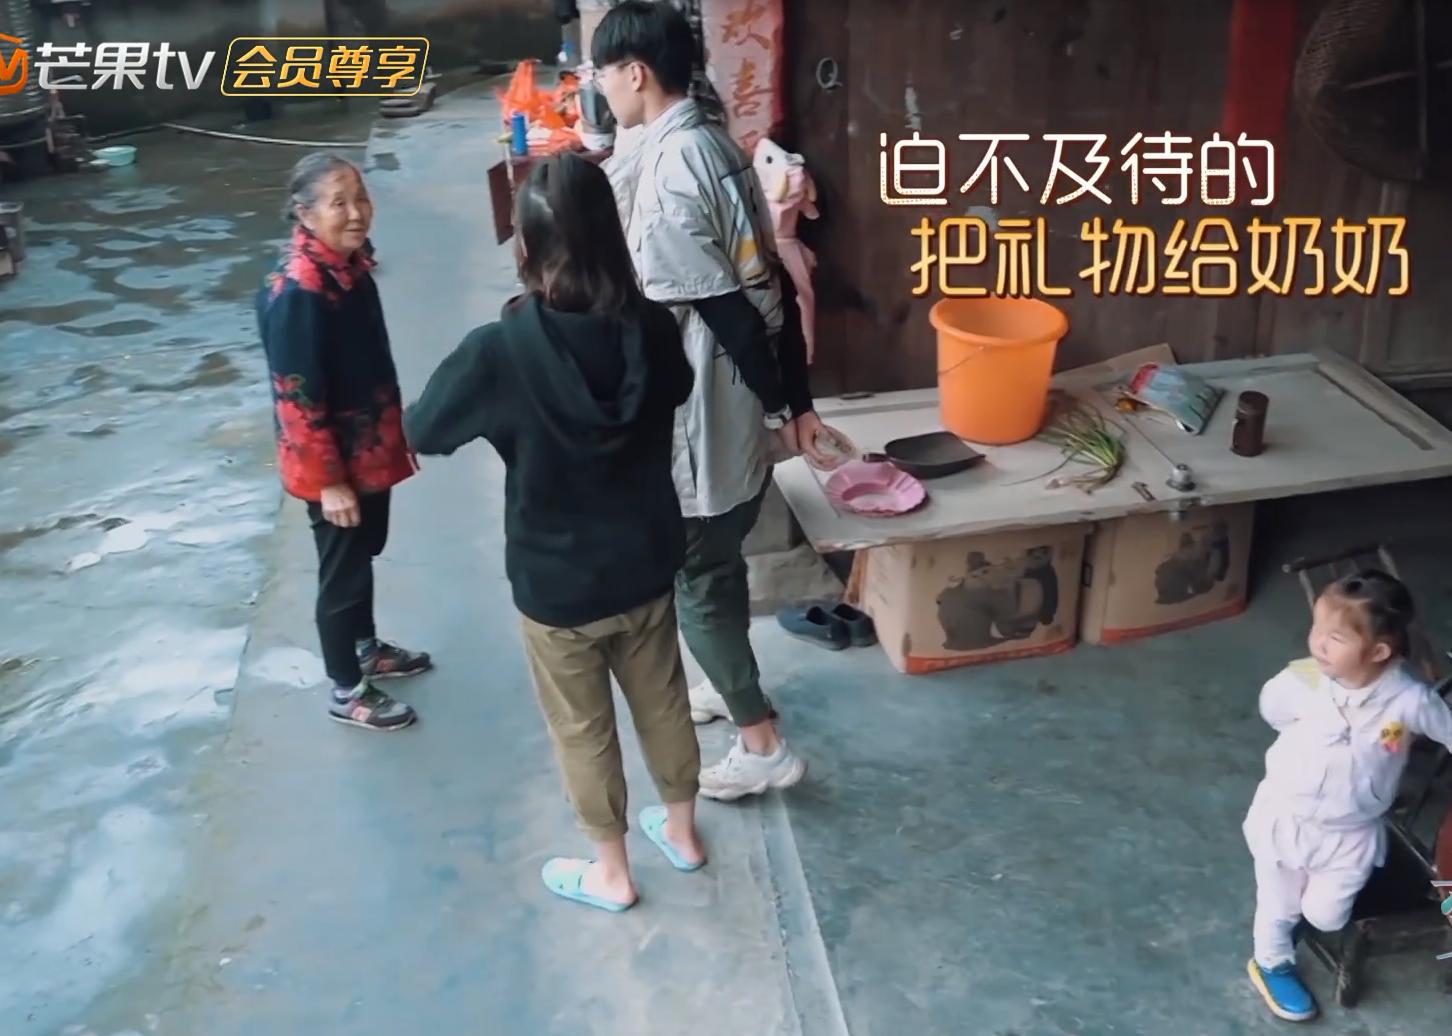 《变形计》城市少年给农村奶奶送惊喜,看清他买的东西,网友炸锅